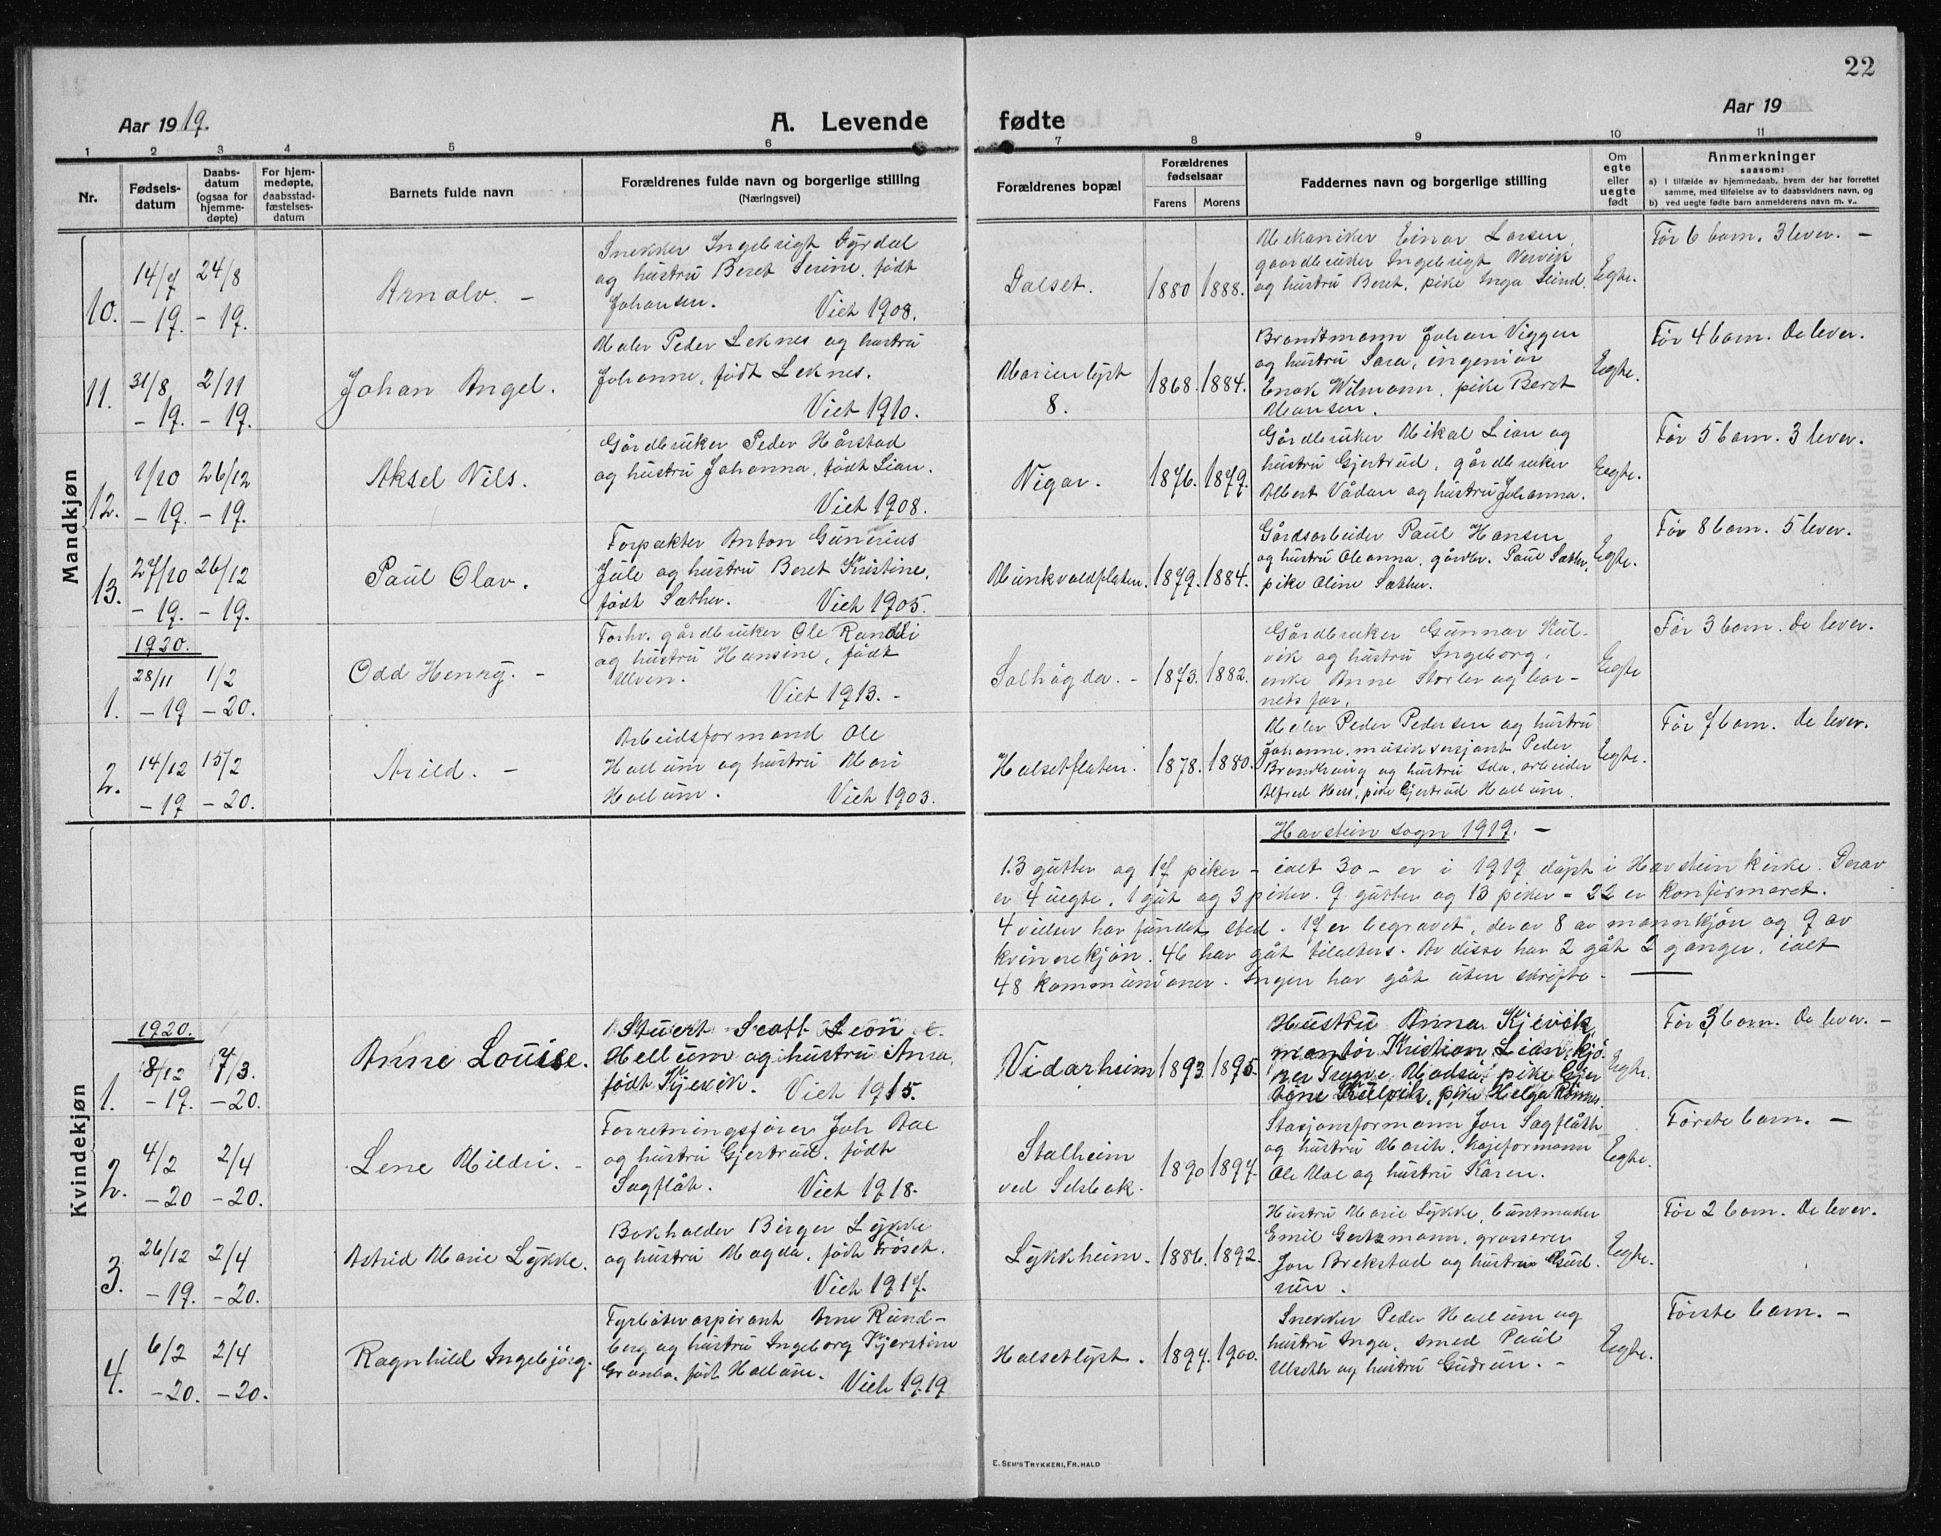 SAT, Ministerialprotokoller, klokkerbøker og fødselsregistre - Sør-Trøndelag, 611/L0356: Klokkerbok nr. 611C04, 1914-1938, s. 22